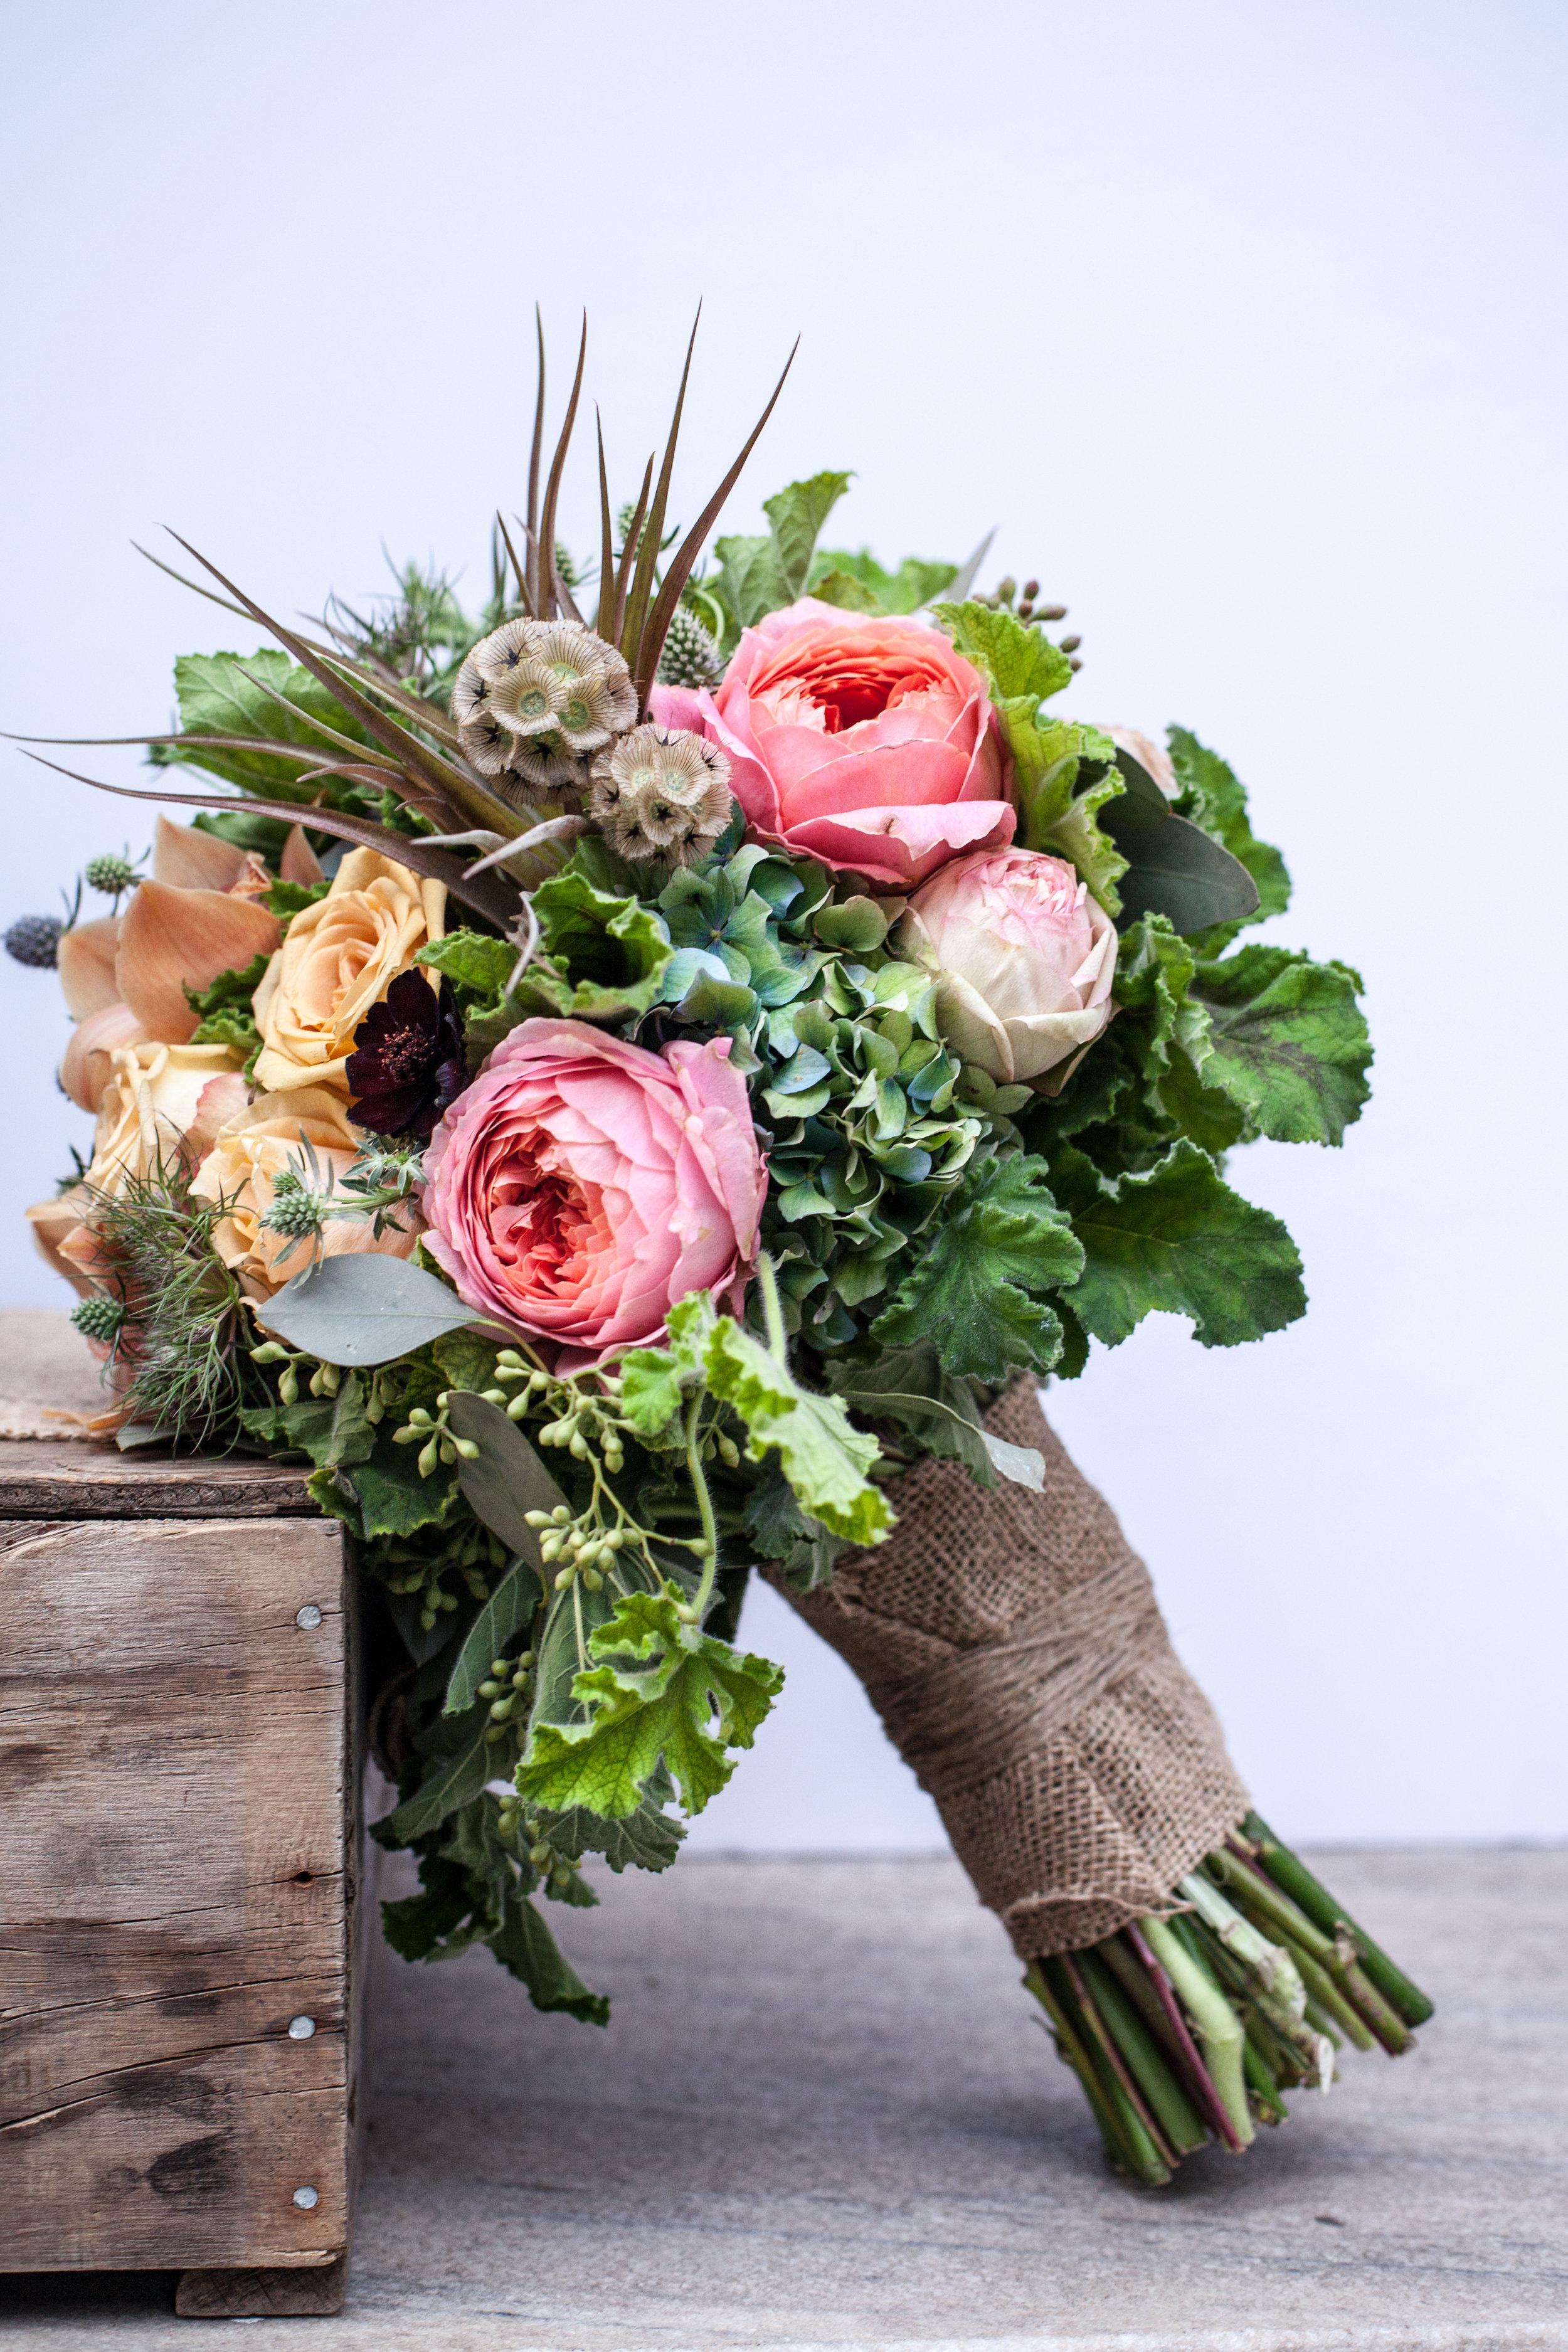 Urban Botanica_Rustic Flowers_Photo by Kelly Vorves-0775.jpg